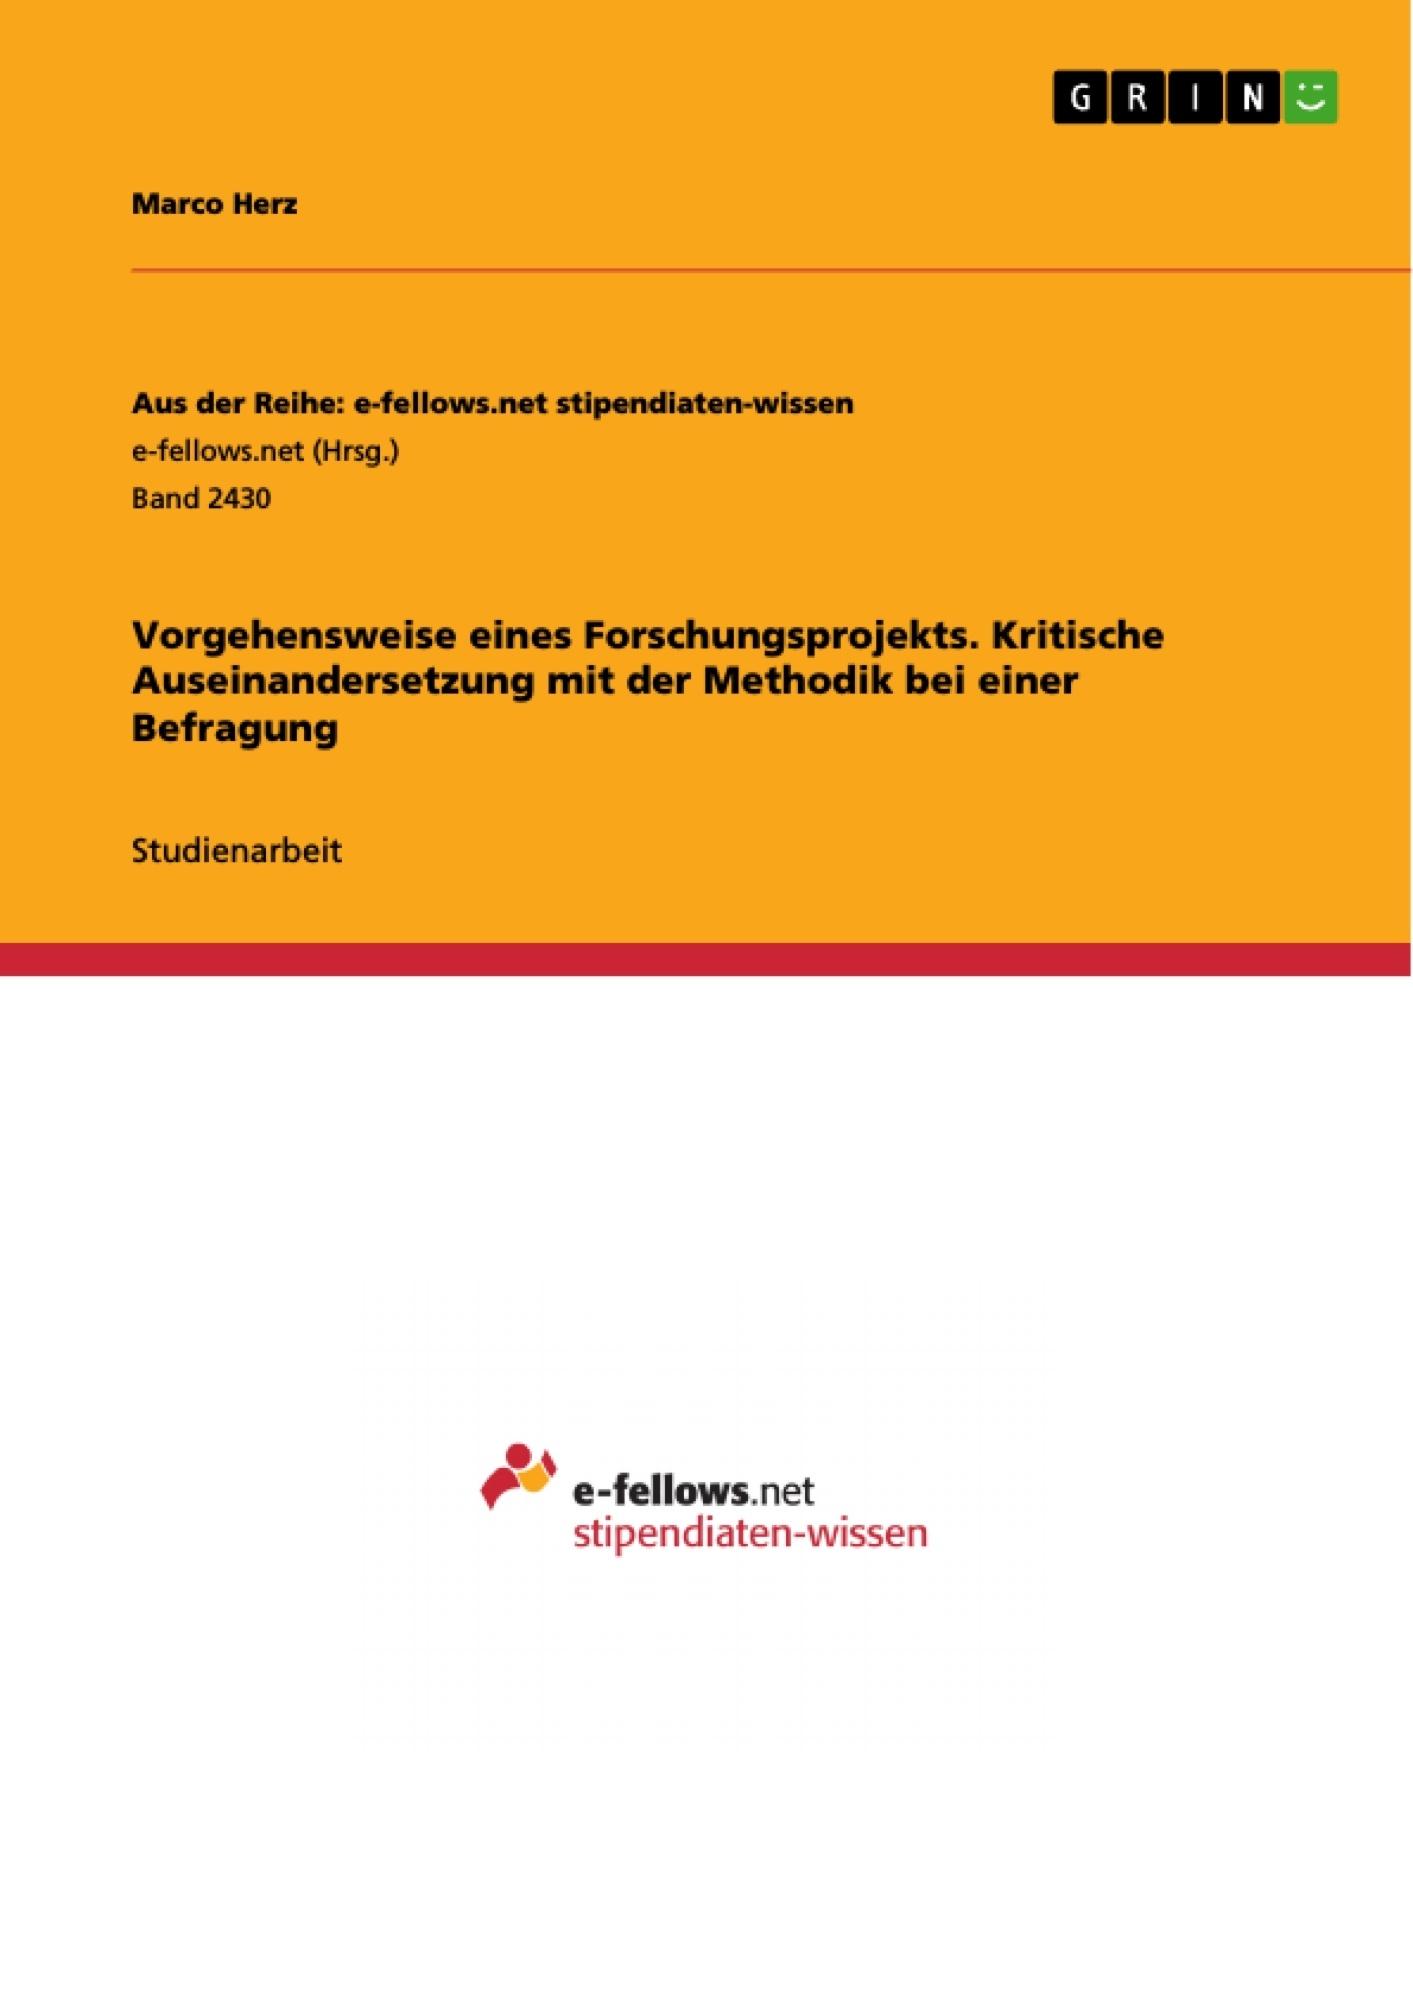 Titel: Vorgehensweise eines Forschungsprojekts. Kritische Auseinandersetzung mit der Methodik bei einer Befragung